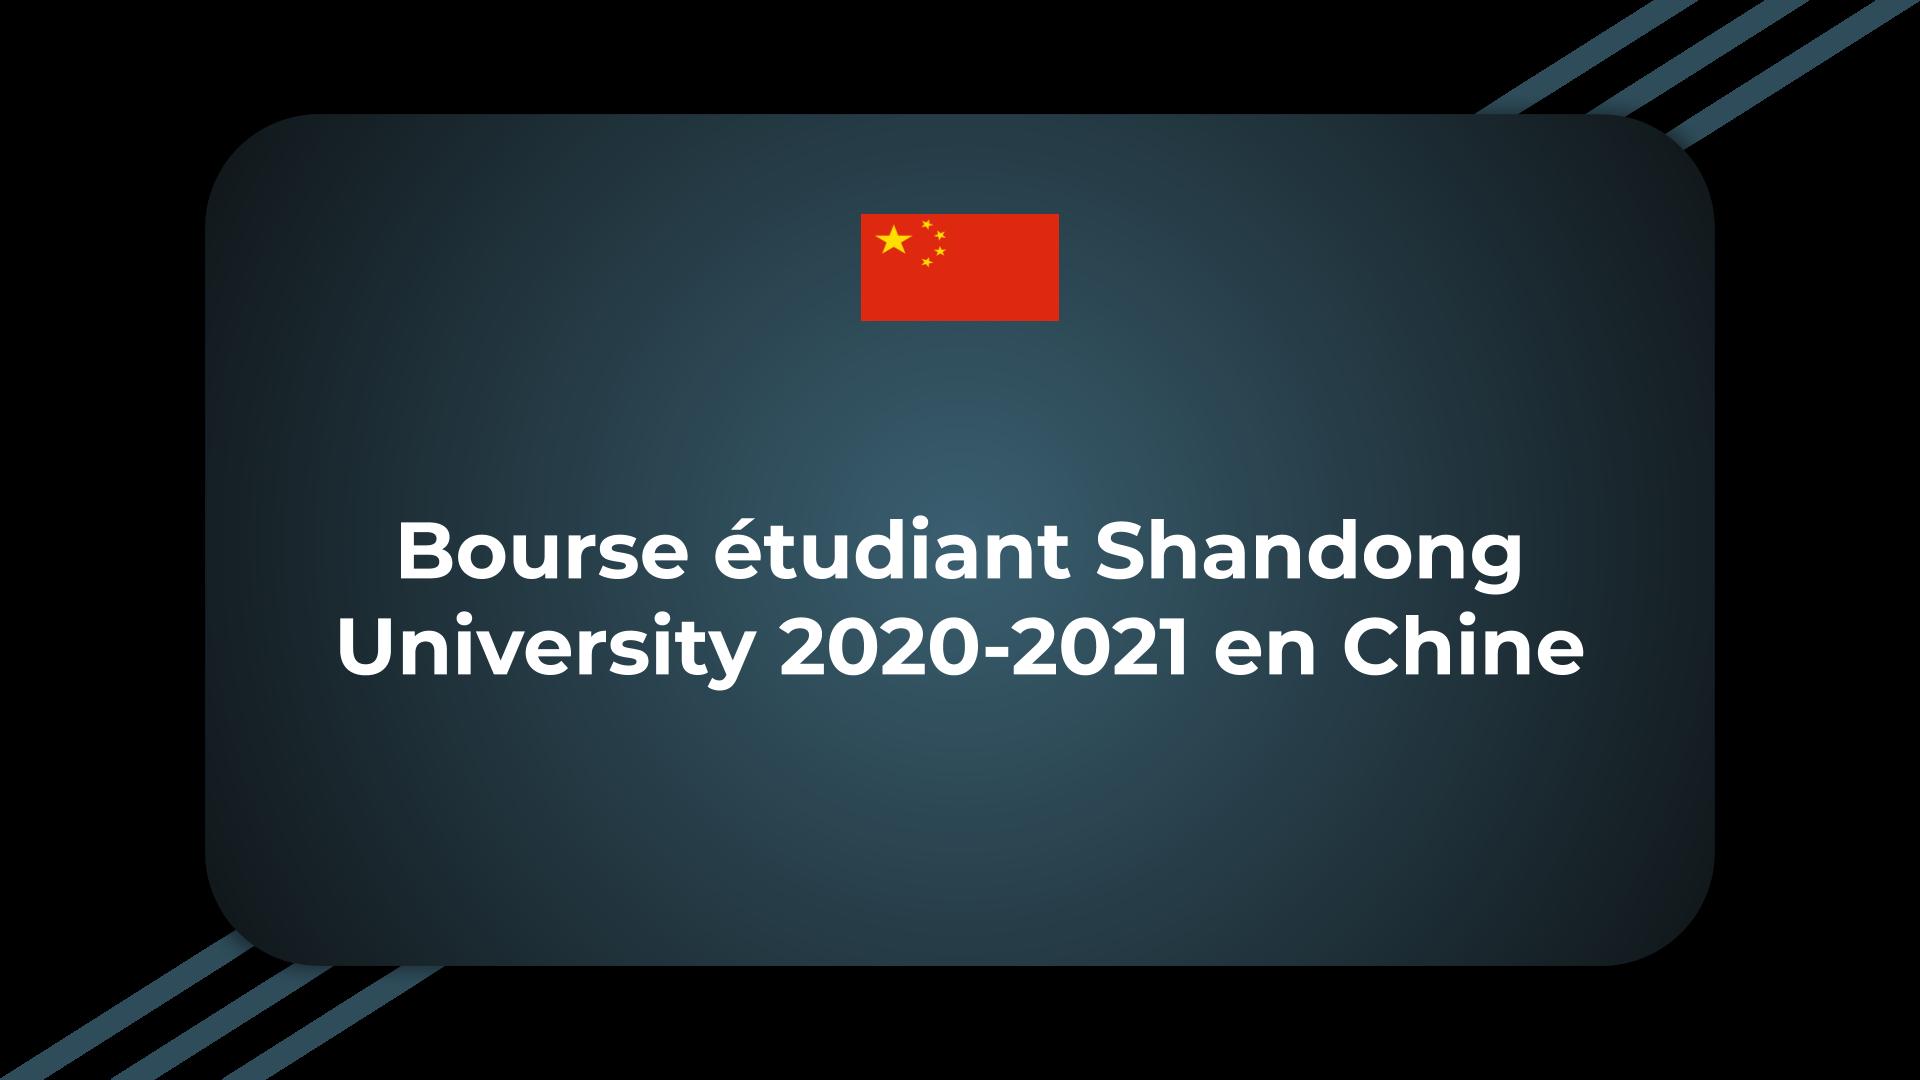 Bourse étudiant Shandong University